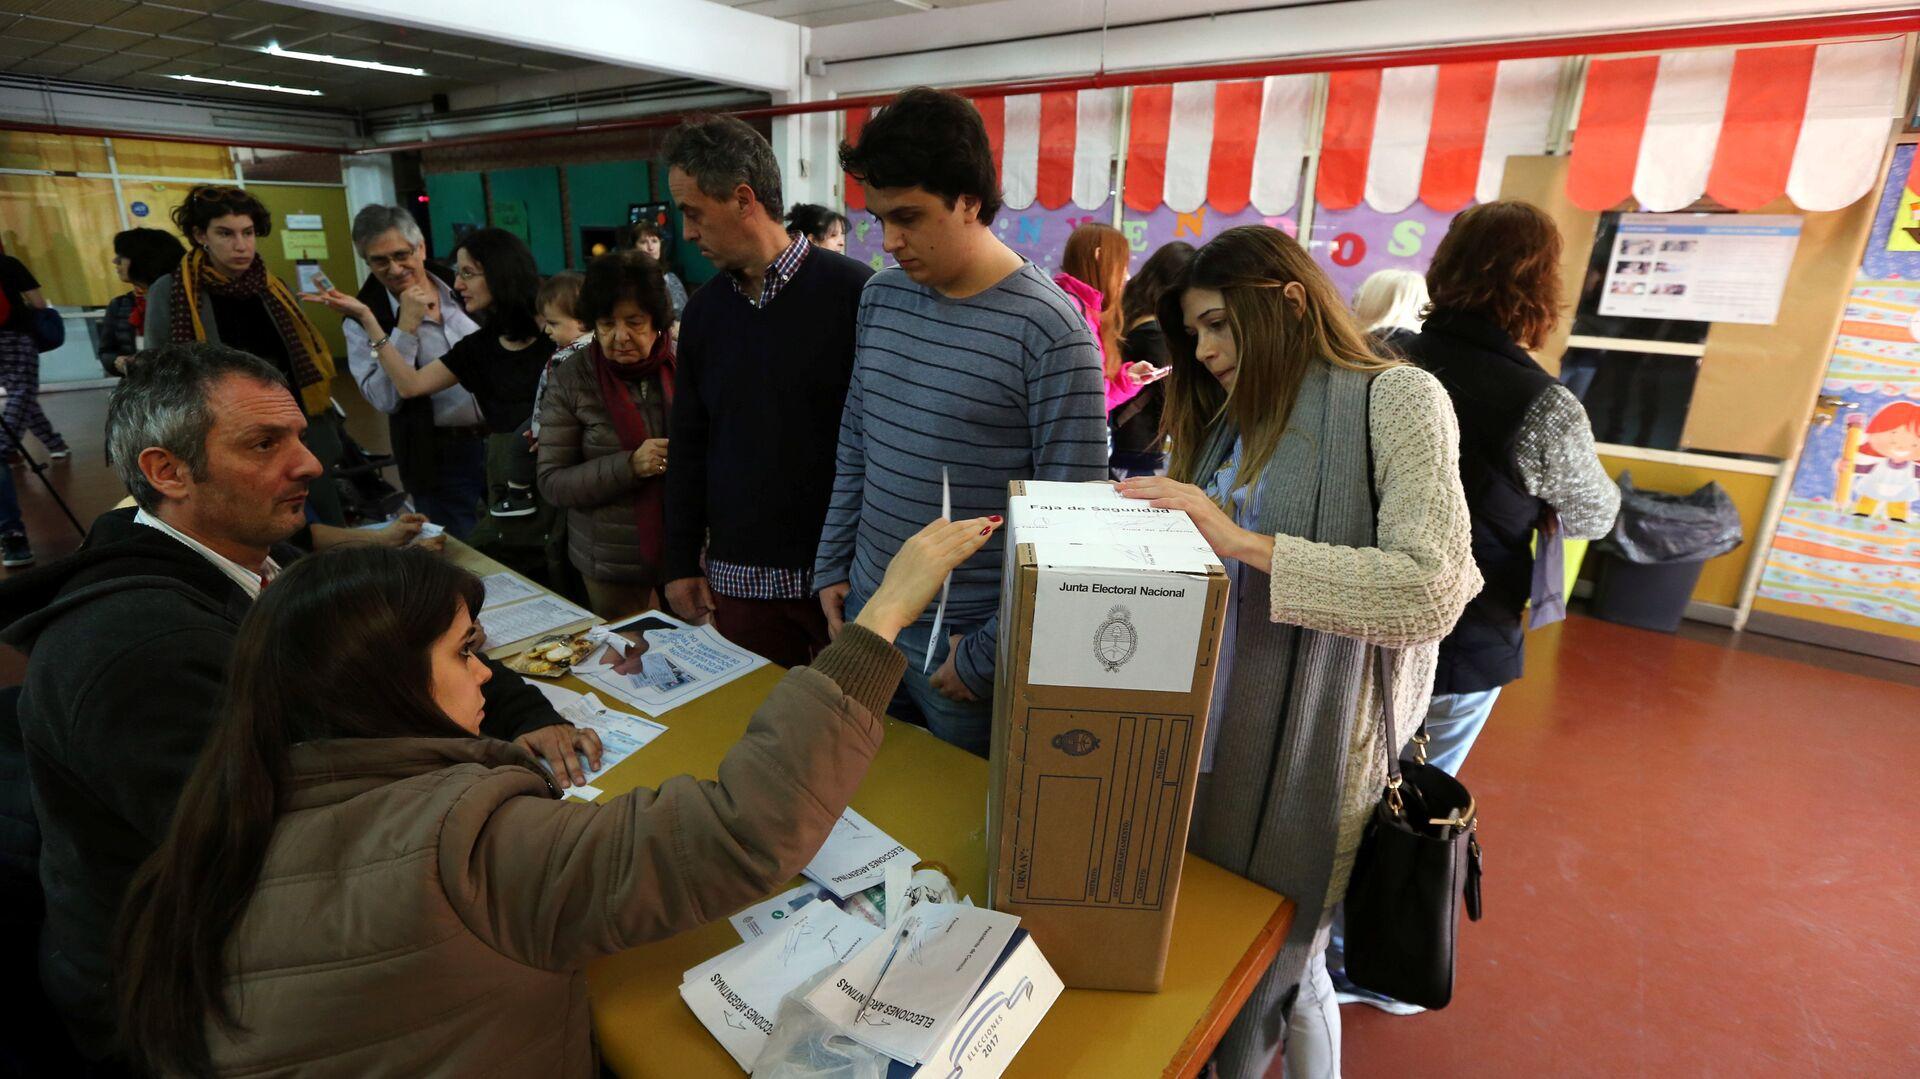 Los argentinos votan en las PASO en Buenos Aires, Argentina - Sputnik Mundo, 1920, 20.05.2021